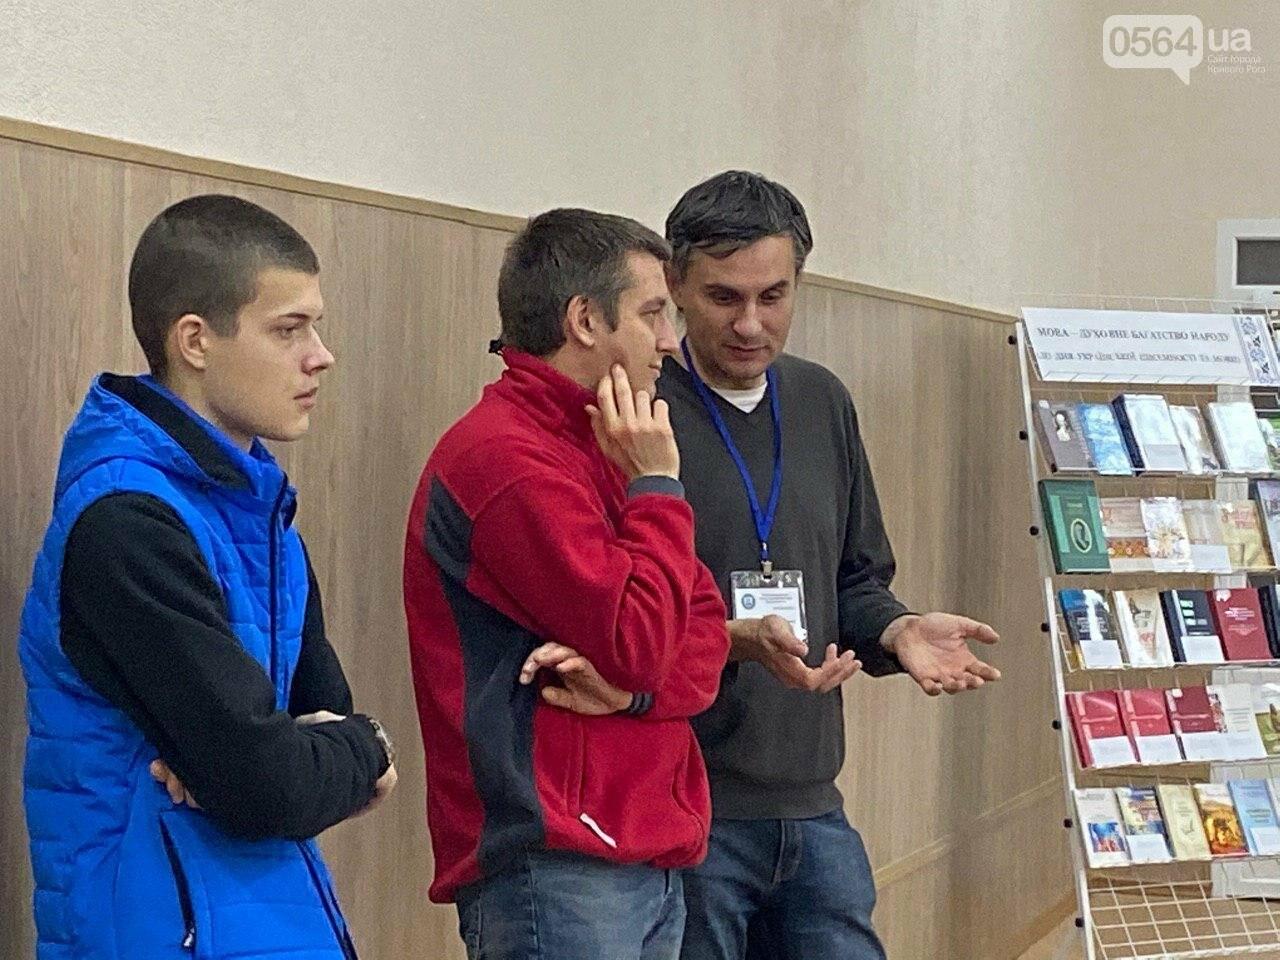 Впервые в Кривом Роге проходит Всеукраинский турнир юных информатиков, - ФОТО, фото-7